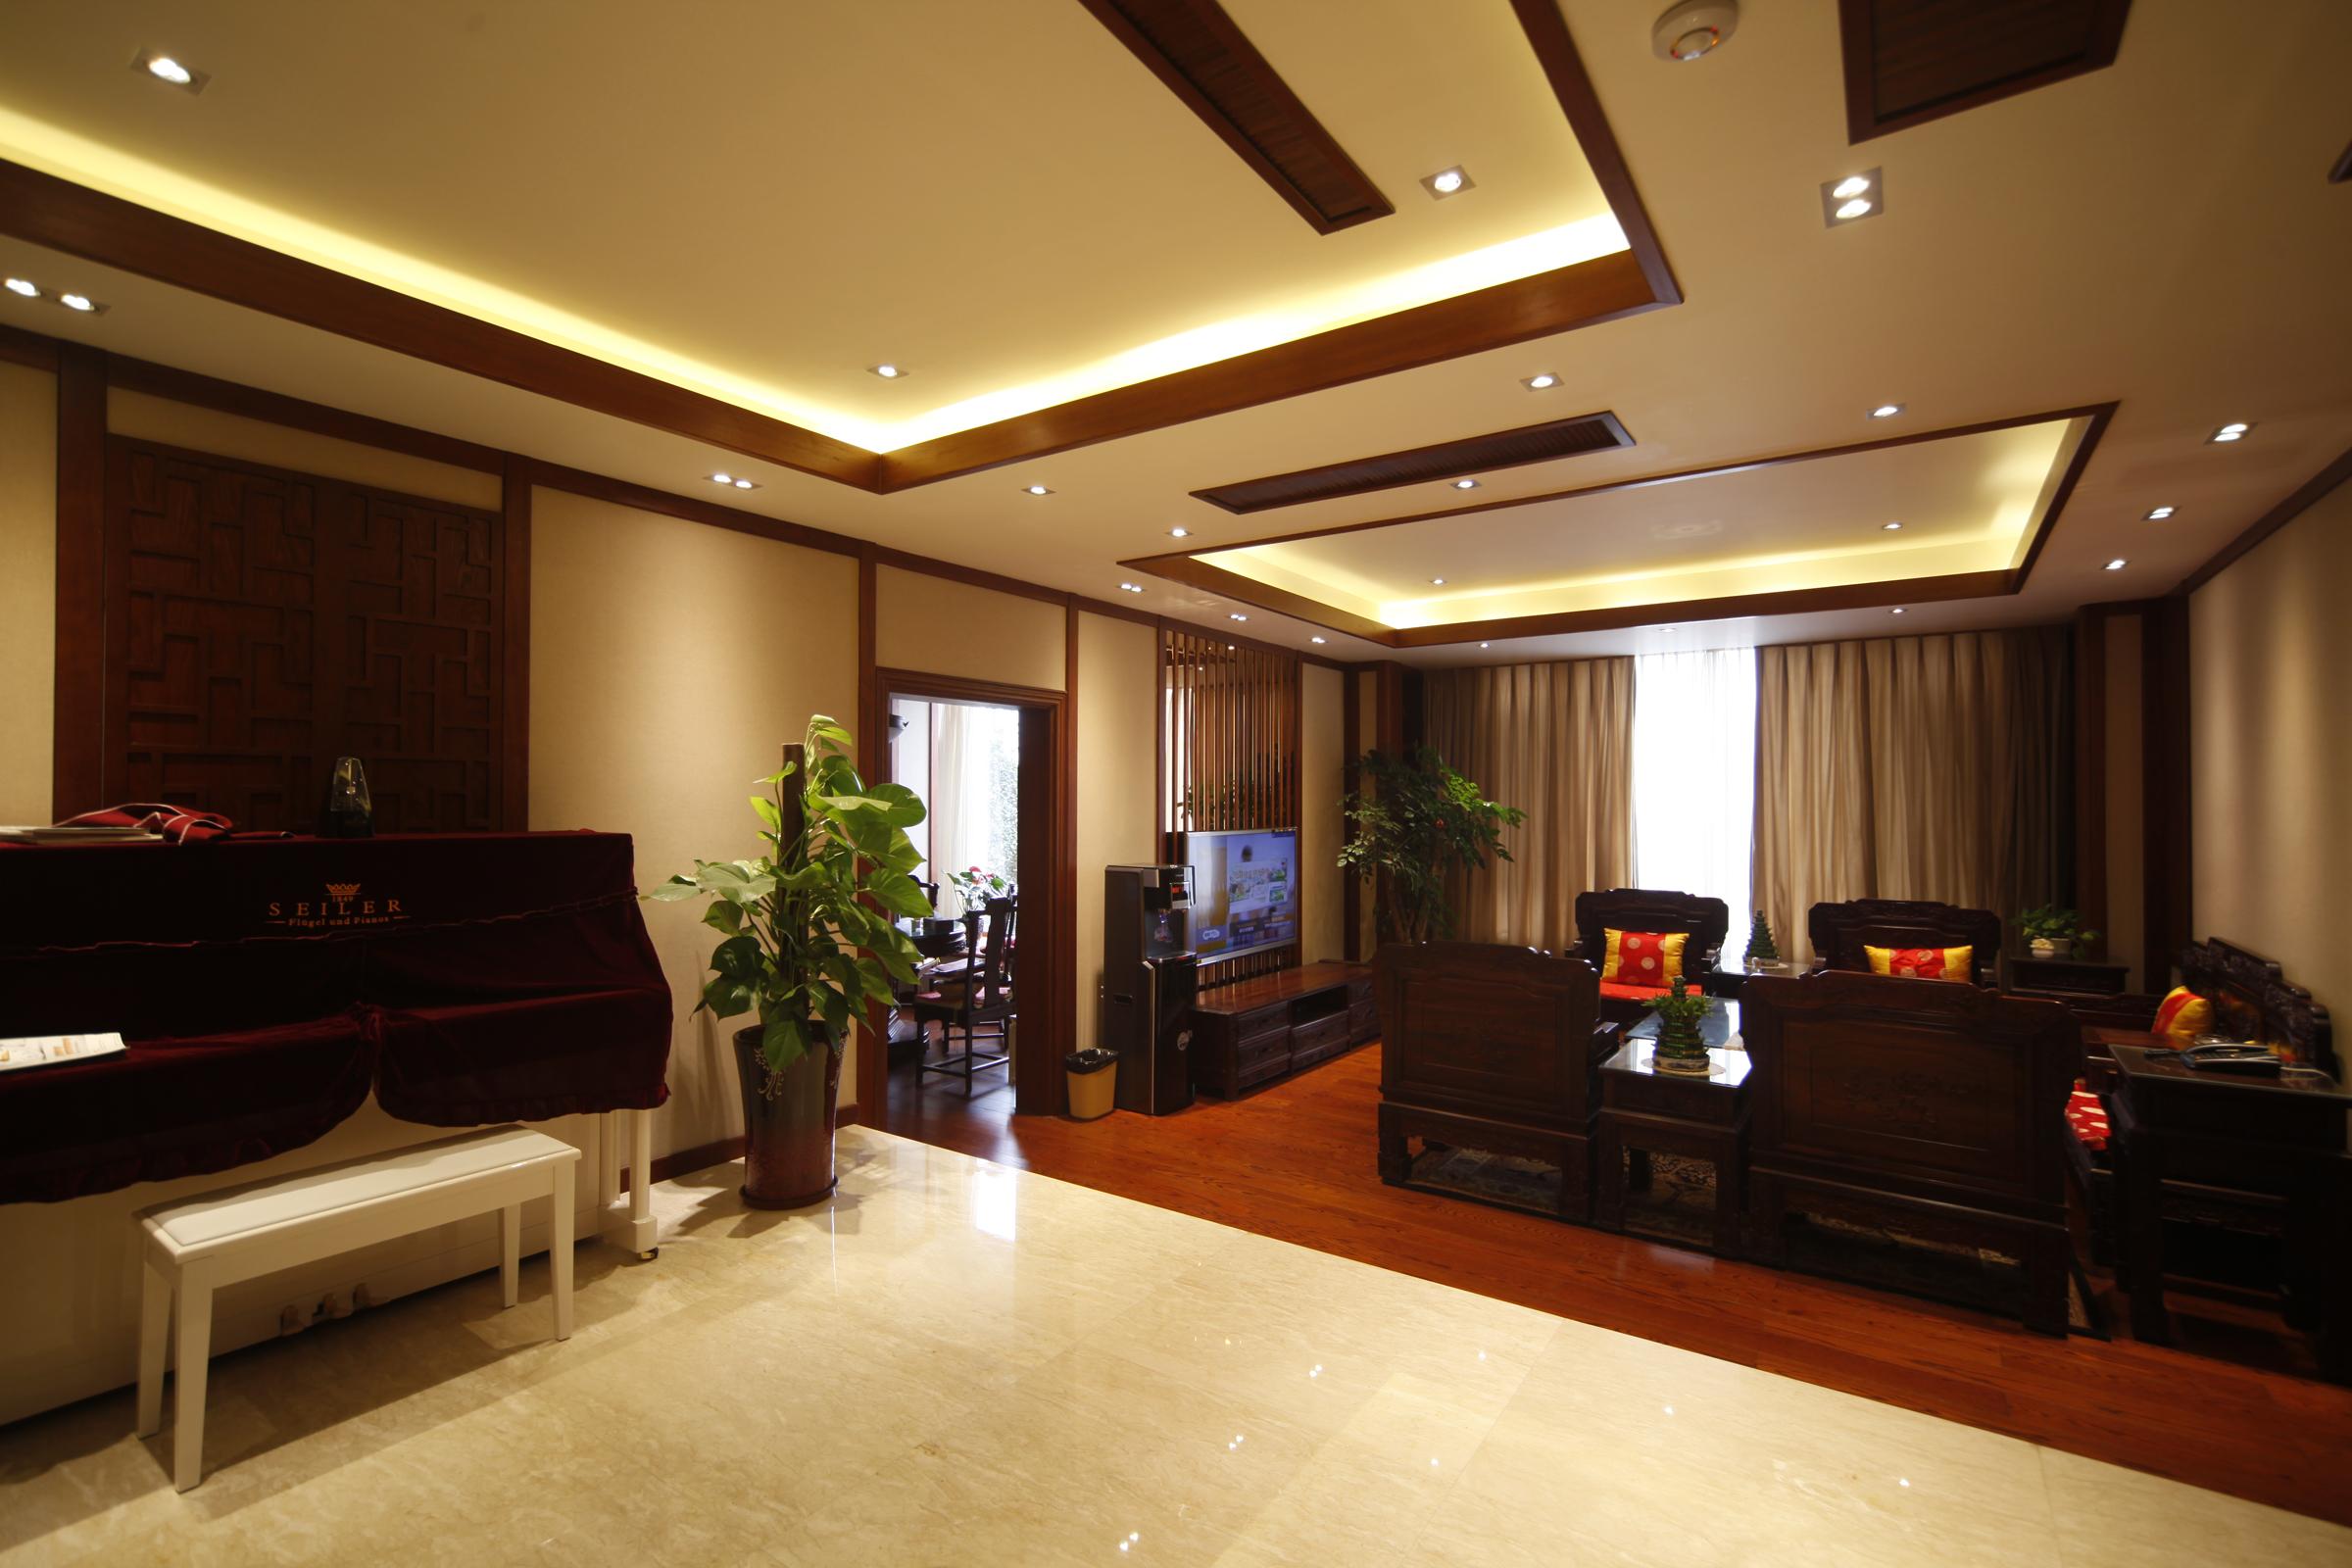 别墅 中式 客厅图片来自成都家和在西江紫苑中式的分享